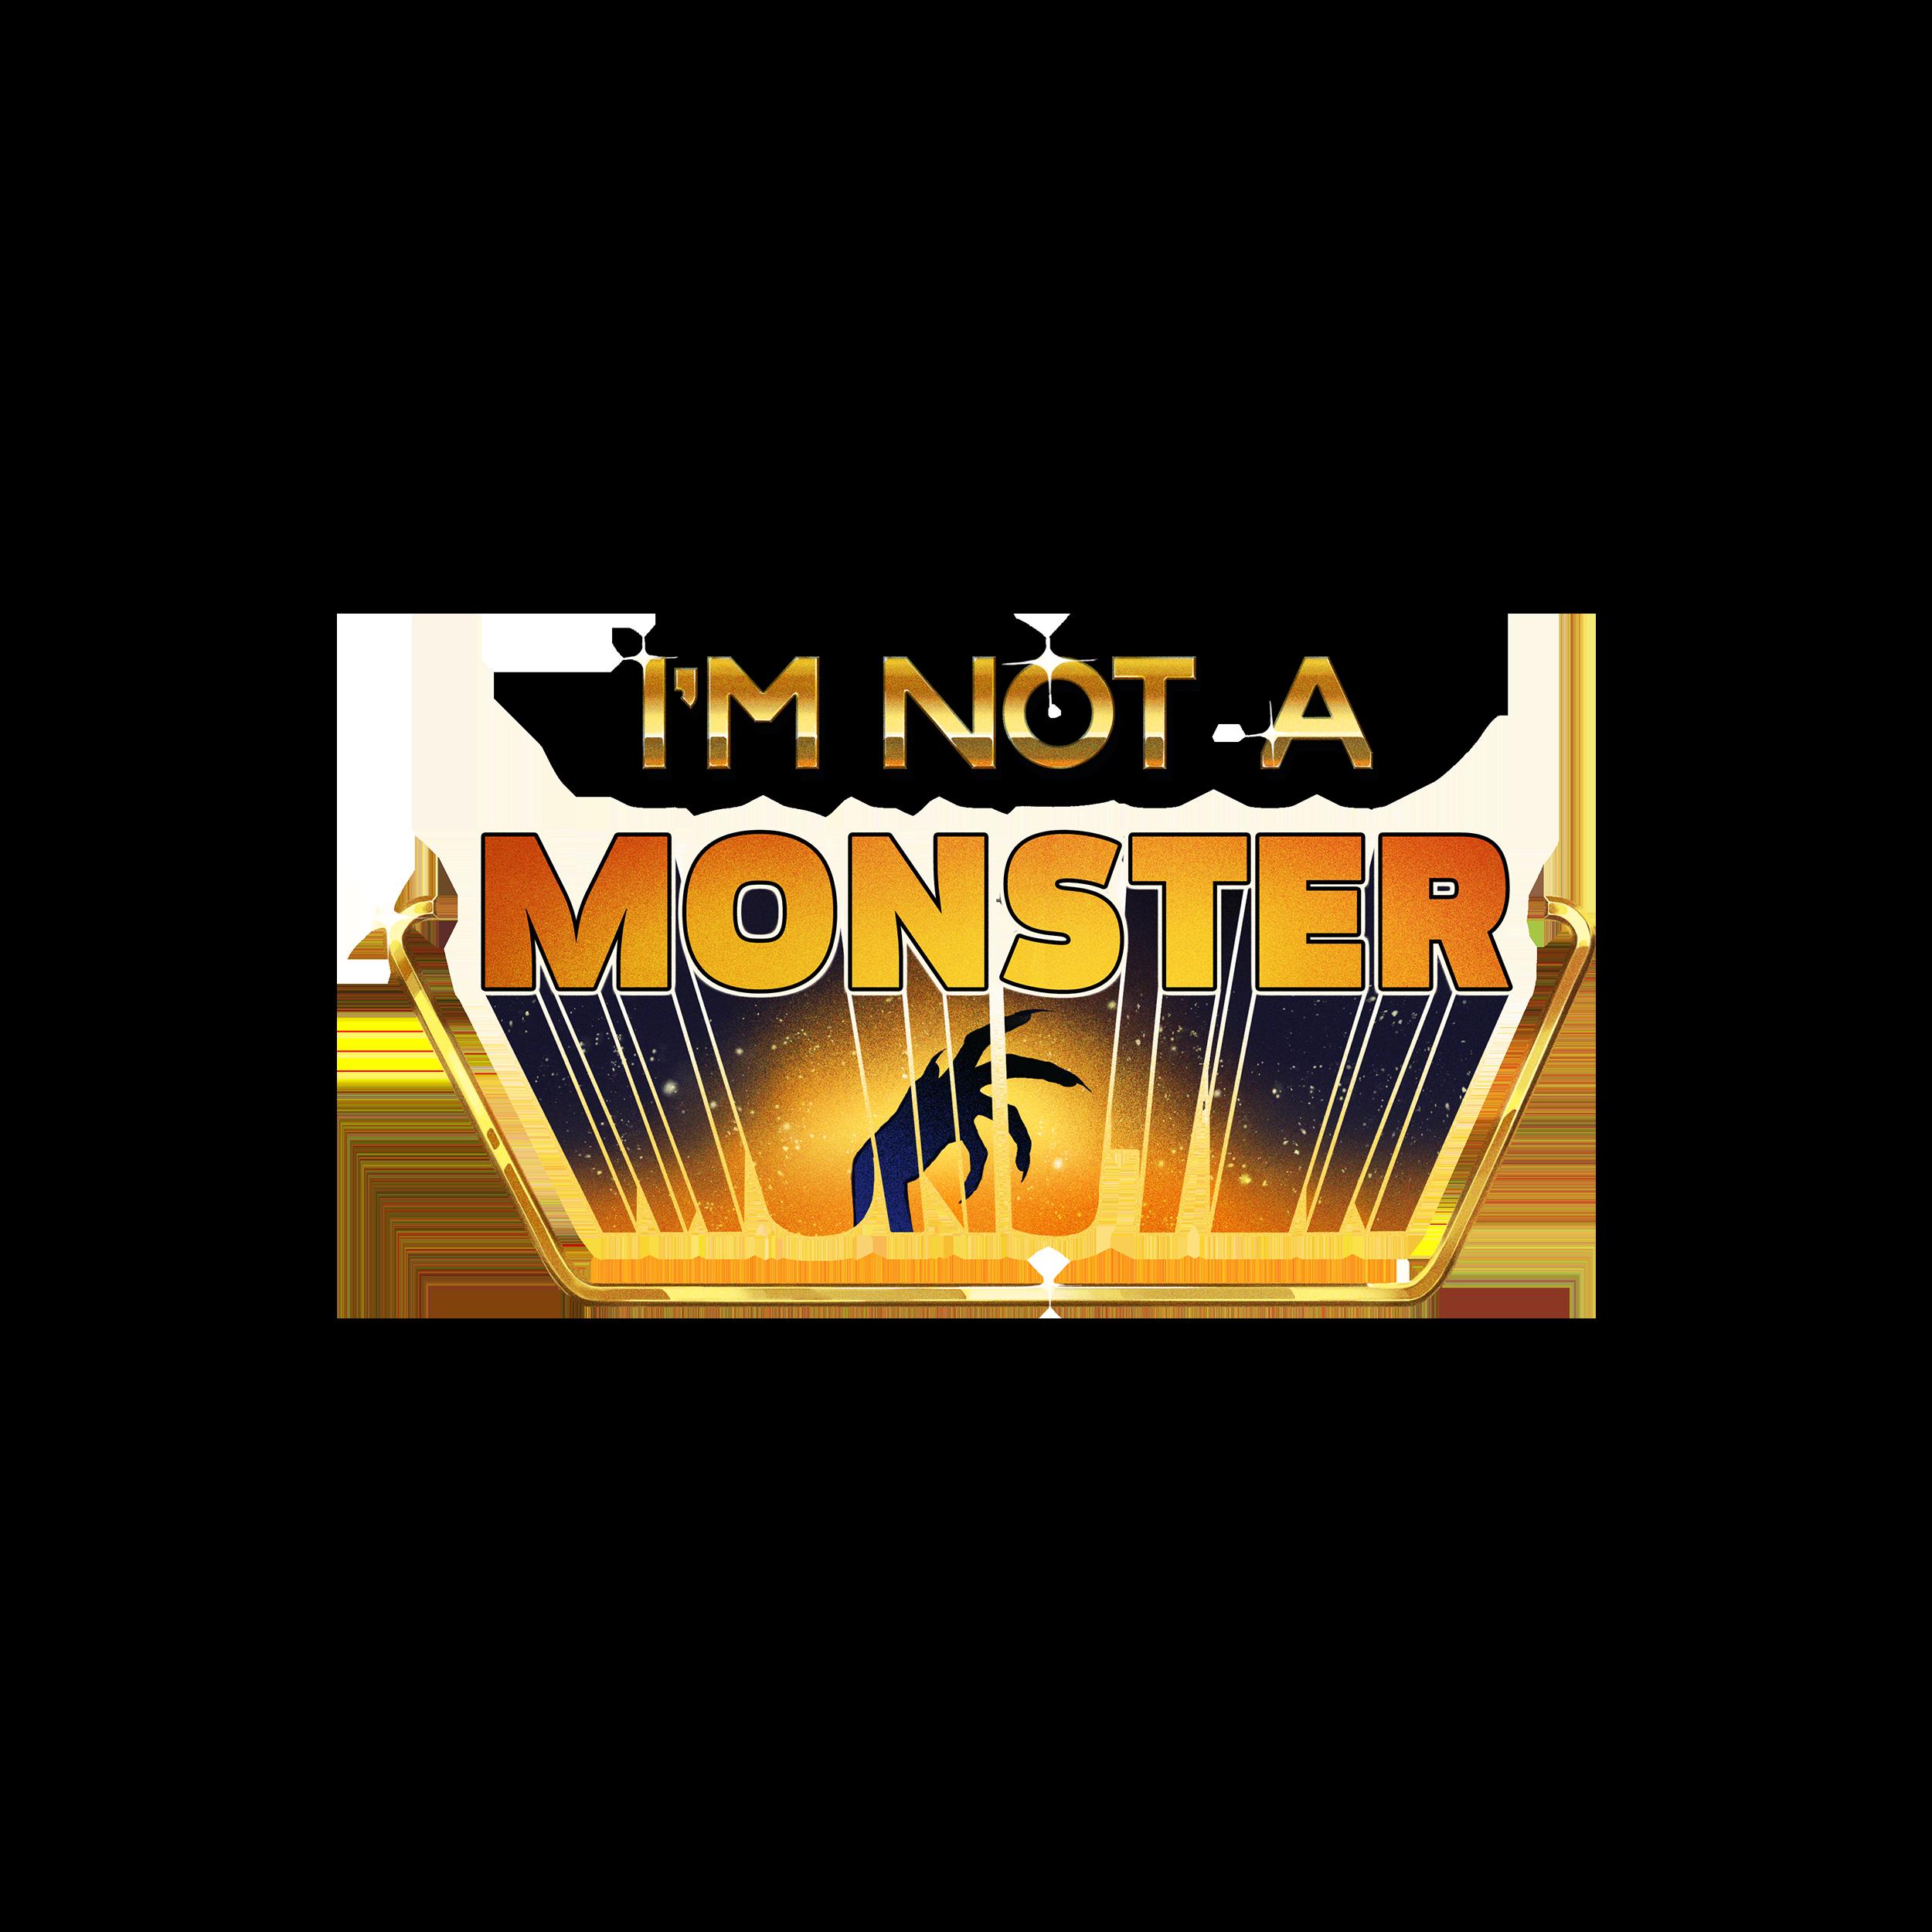 I am not a Monster: First Contact logo